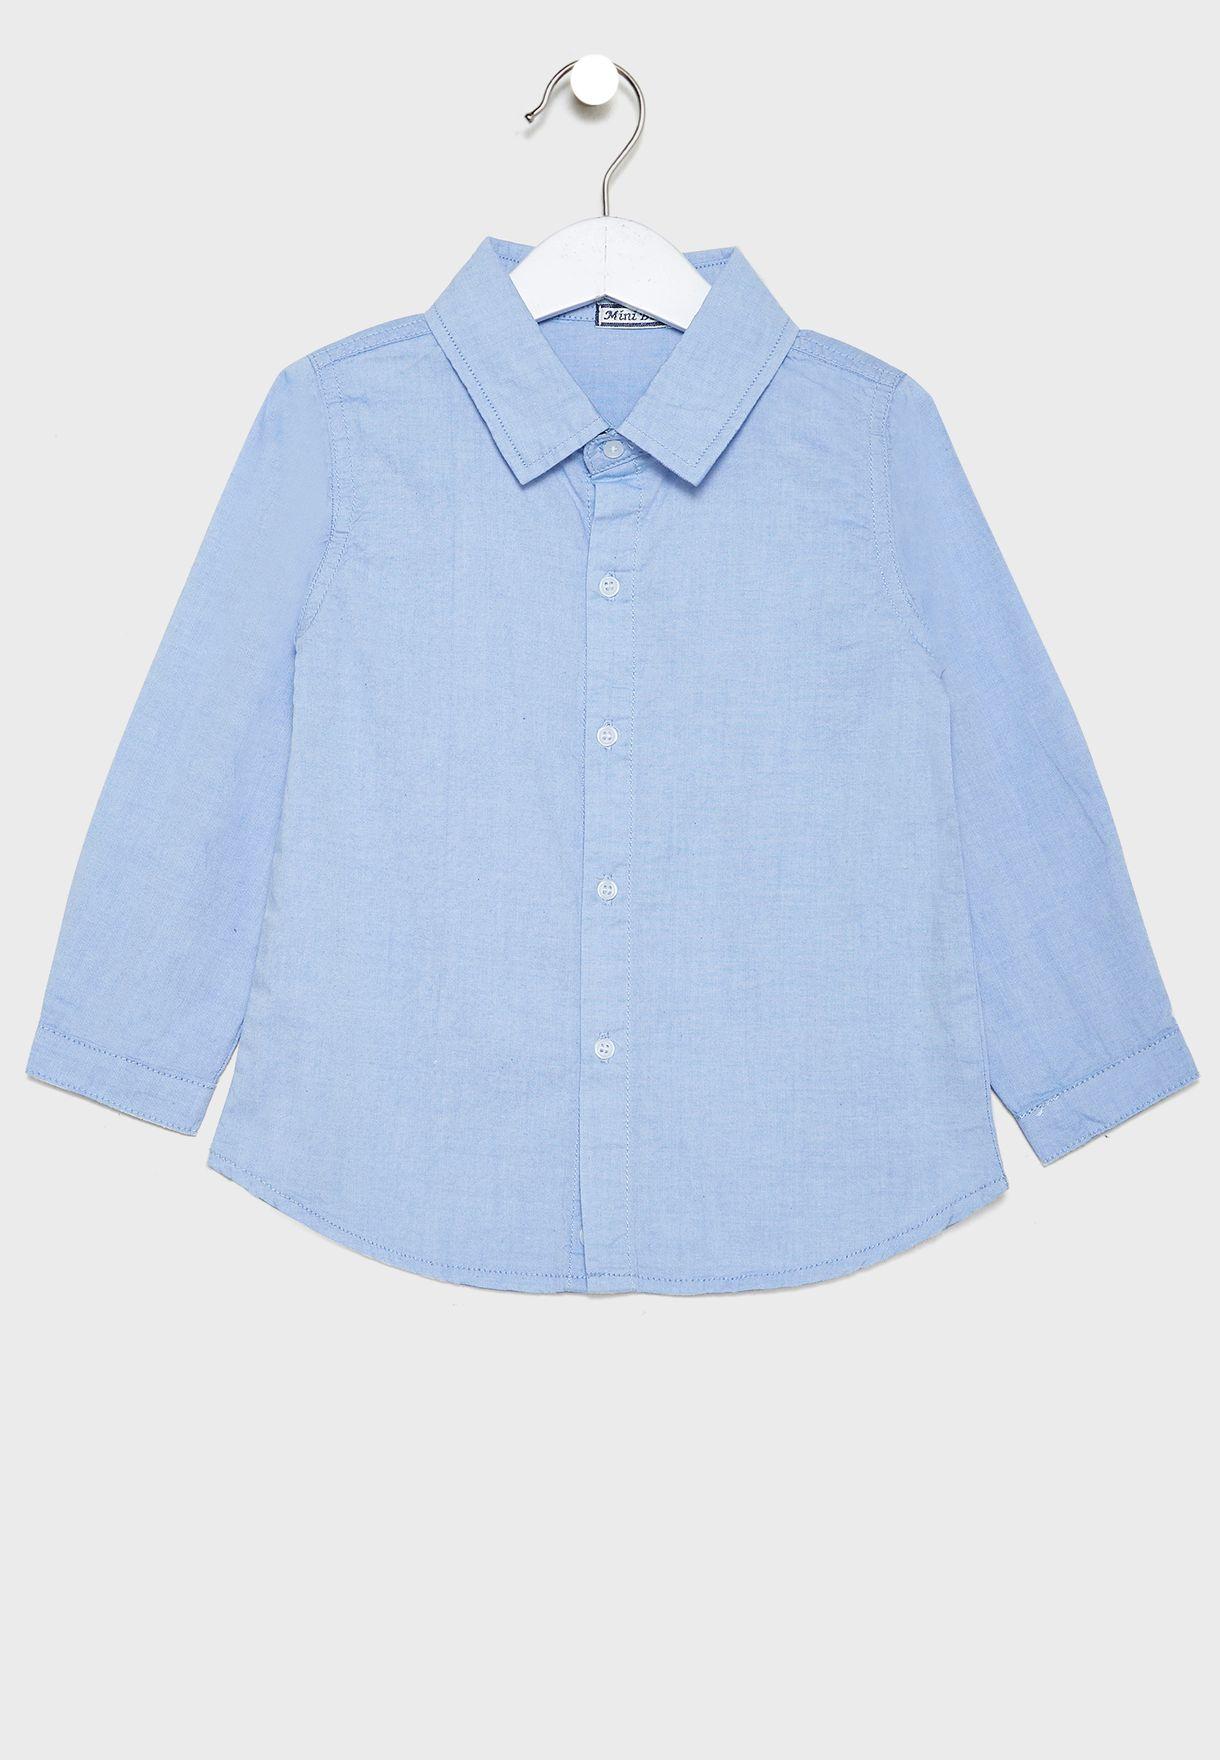 قميص بازرار للاطفال